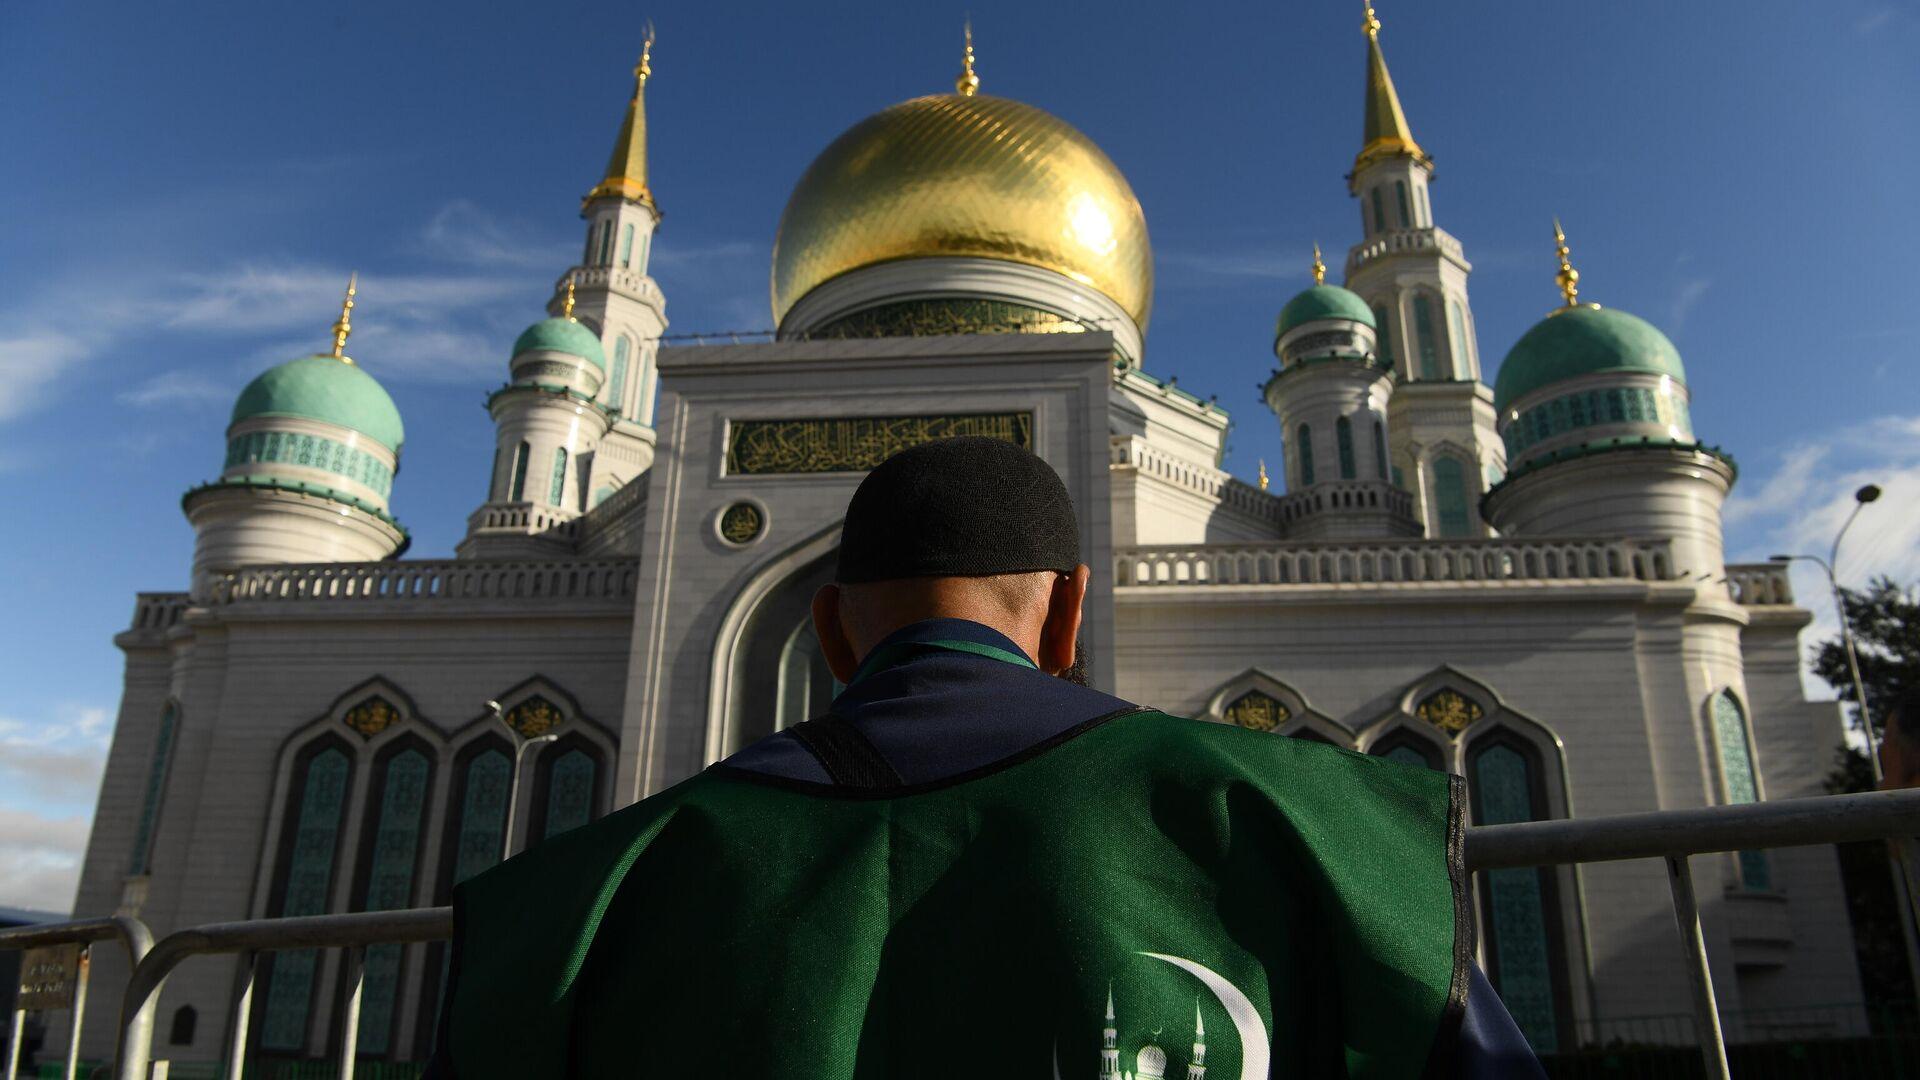 Волонтер возле Московской соборной мечети во время богослужения в честь праздника Курбан-байрам - РИА Новости, 1920, 11.05.2021